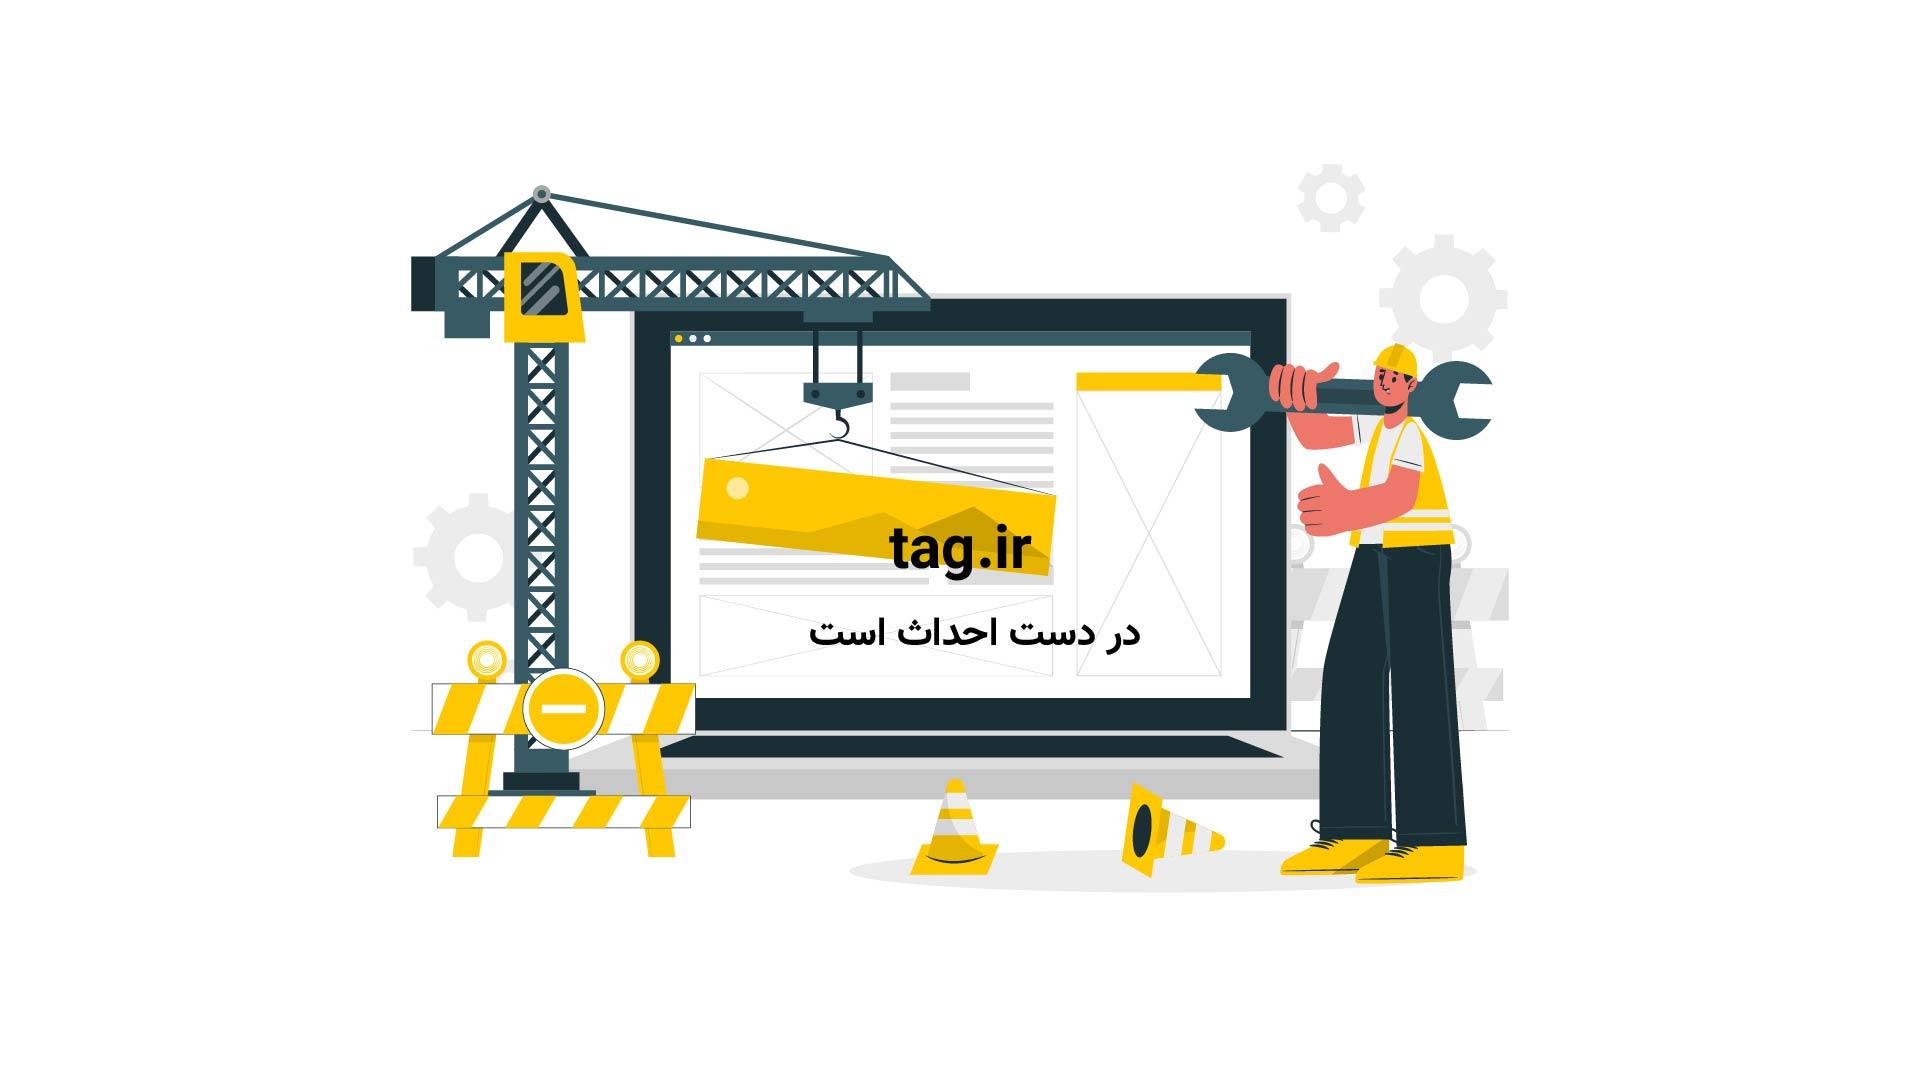 معرفی بازی موبایل | تگ